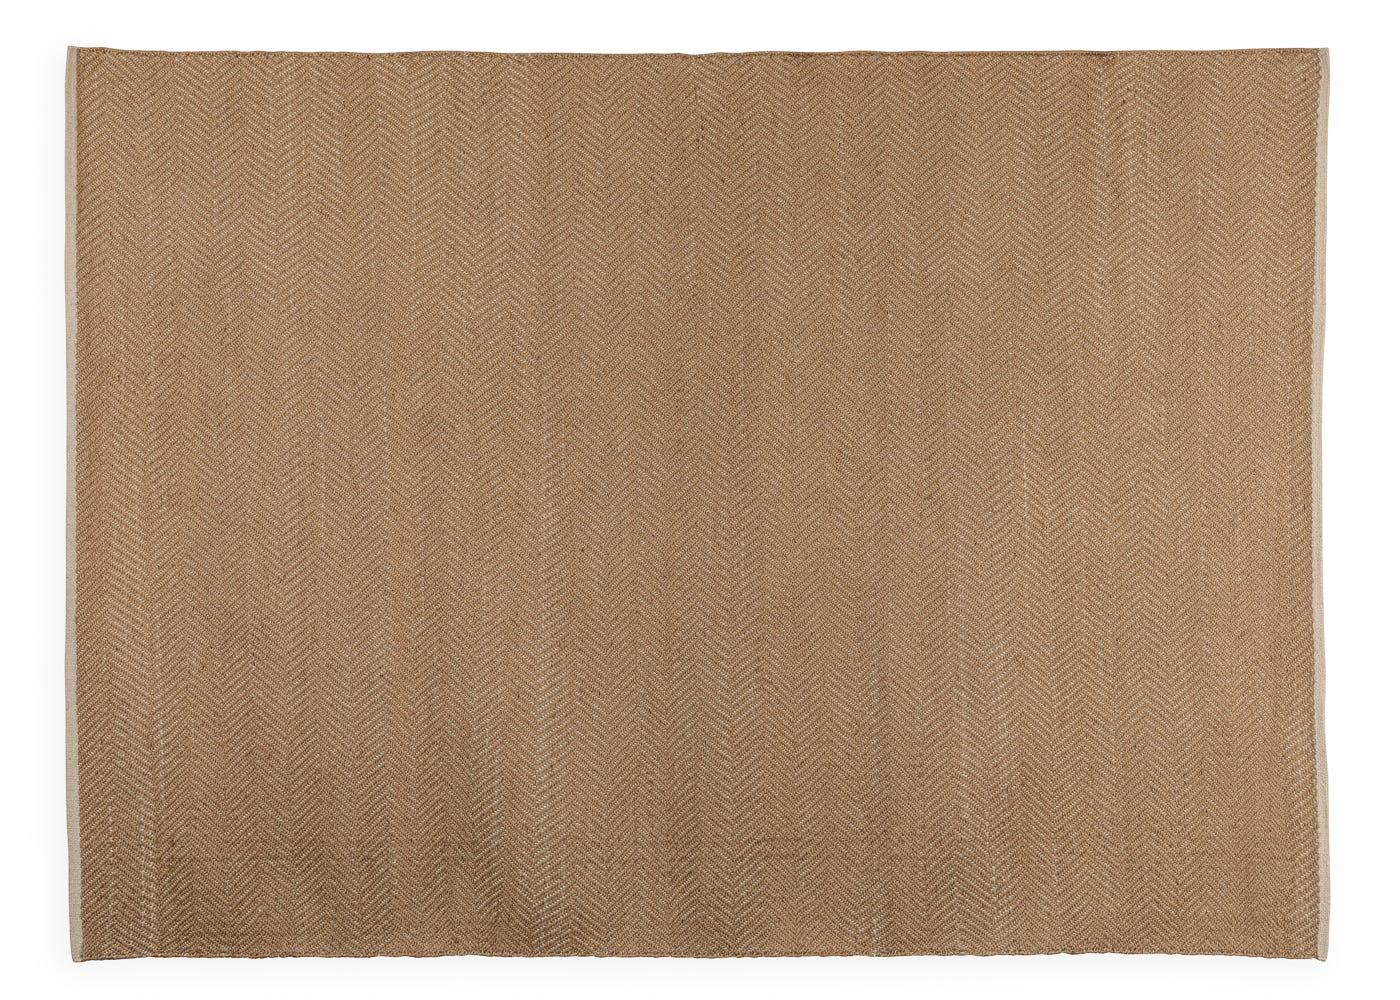 Linie Design Morini Rug Natural 140cm x 200cm